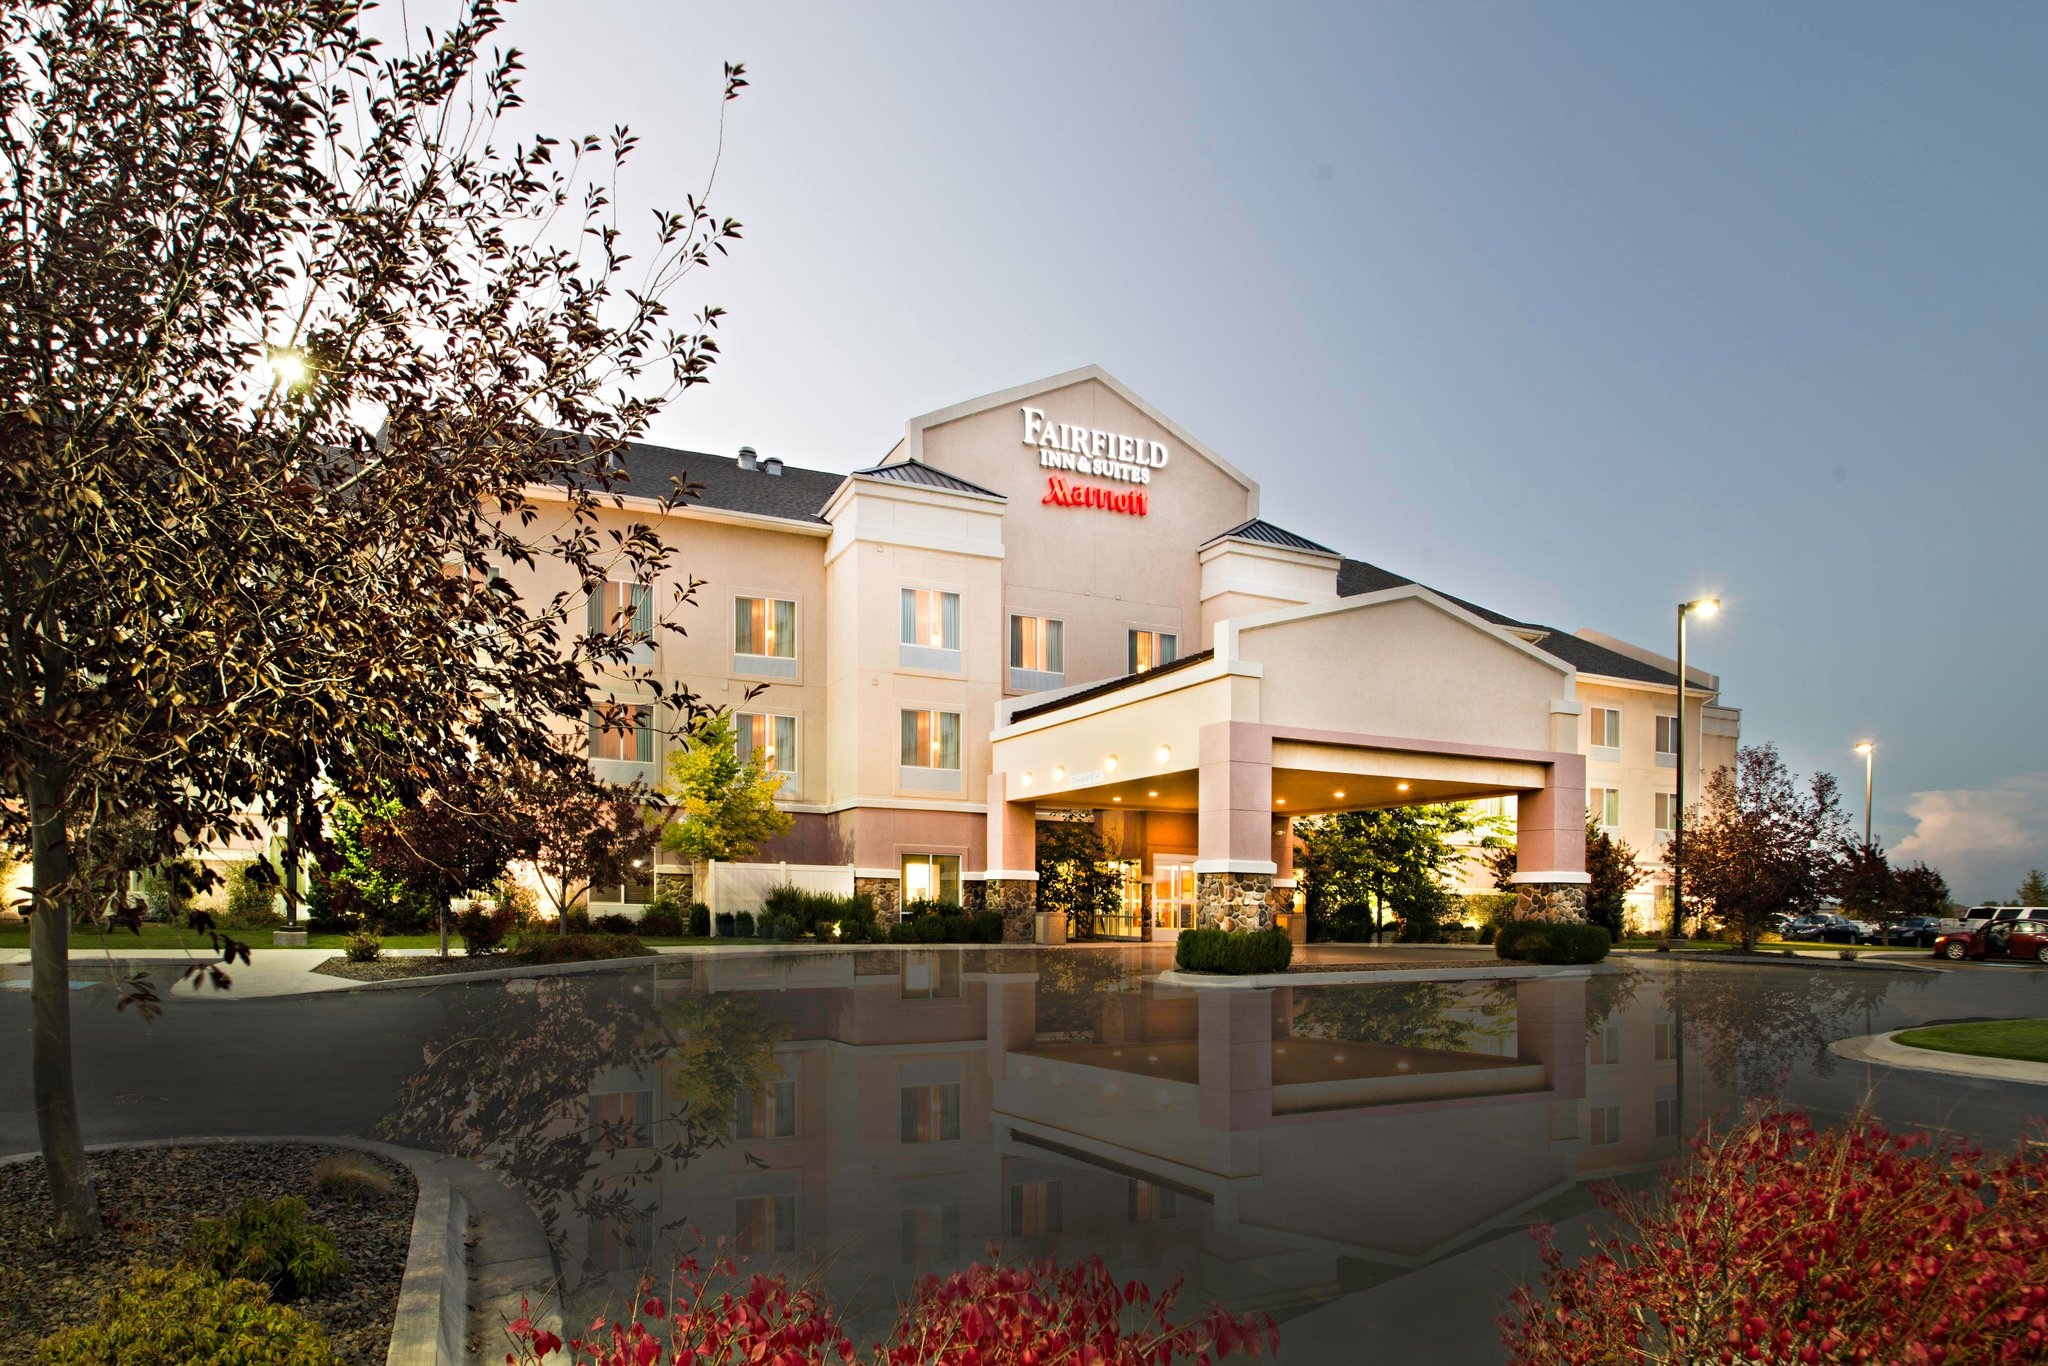 Fairfield Inn and Suites by Marriott Burley